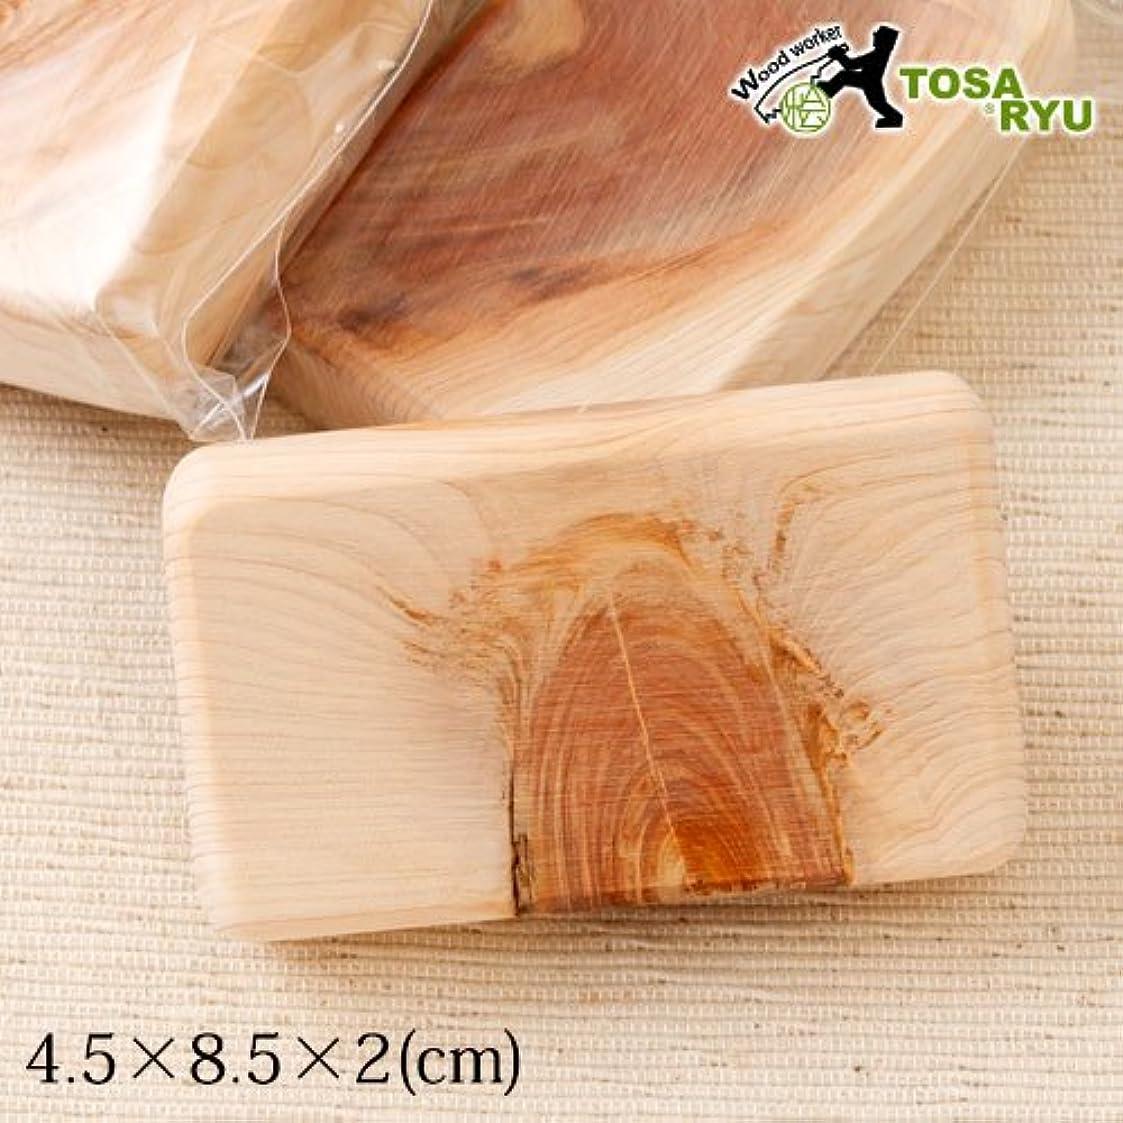 薬局コンパクト我慢する土佐龍アロマブロック(1個)高知県の工芸品Aroma massager of cypress, Kochi craft